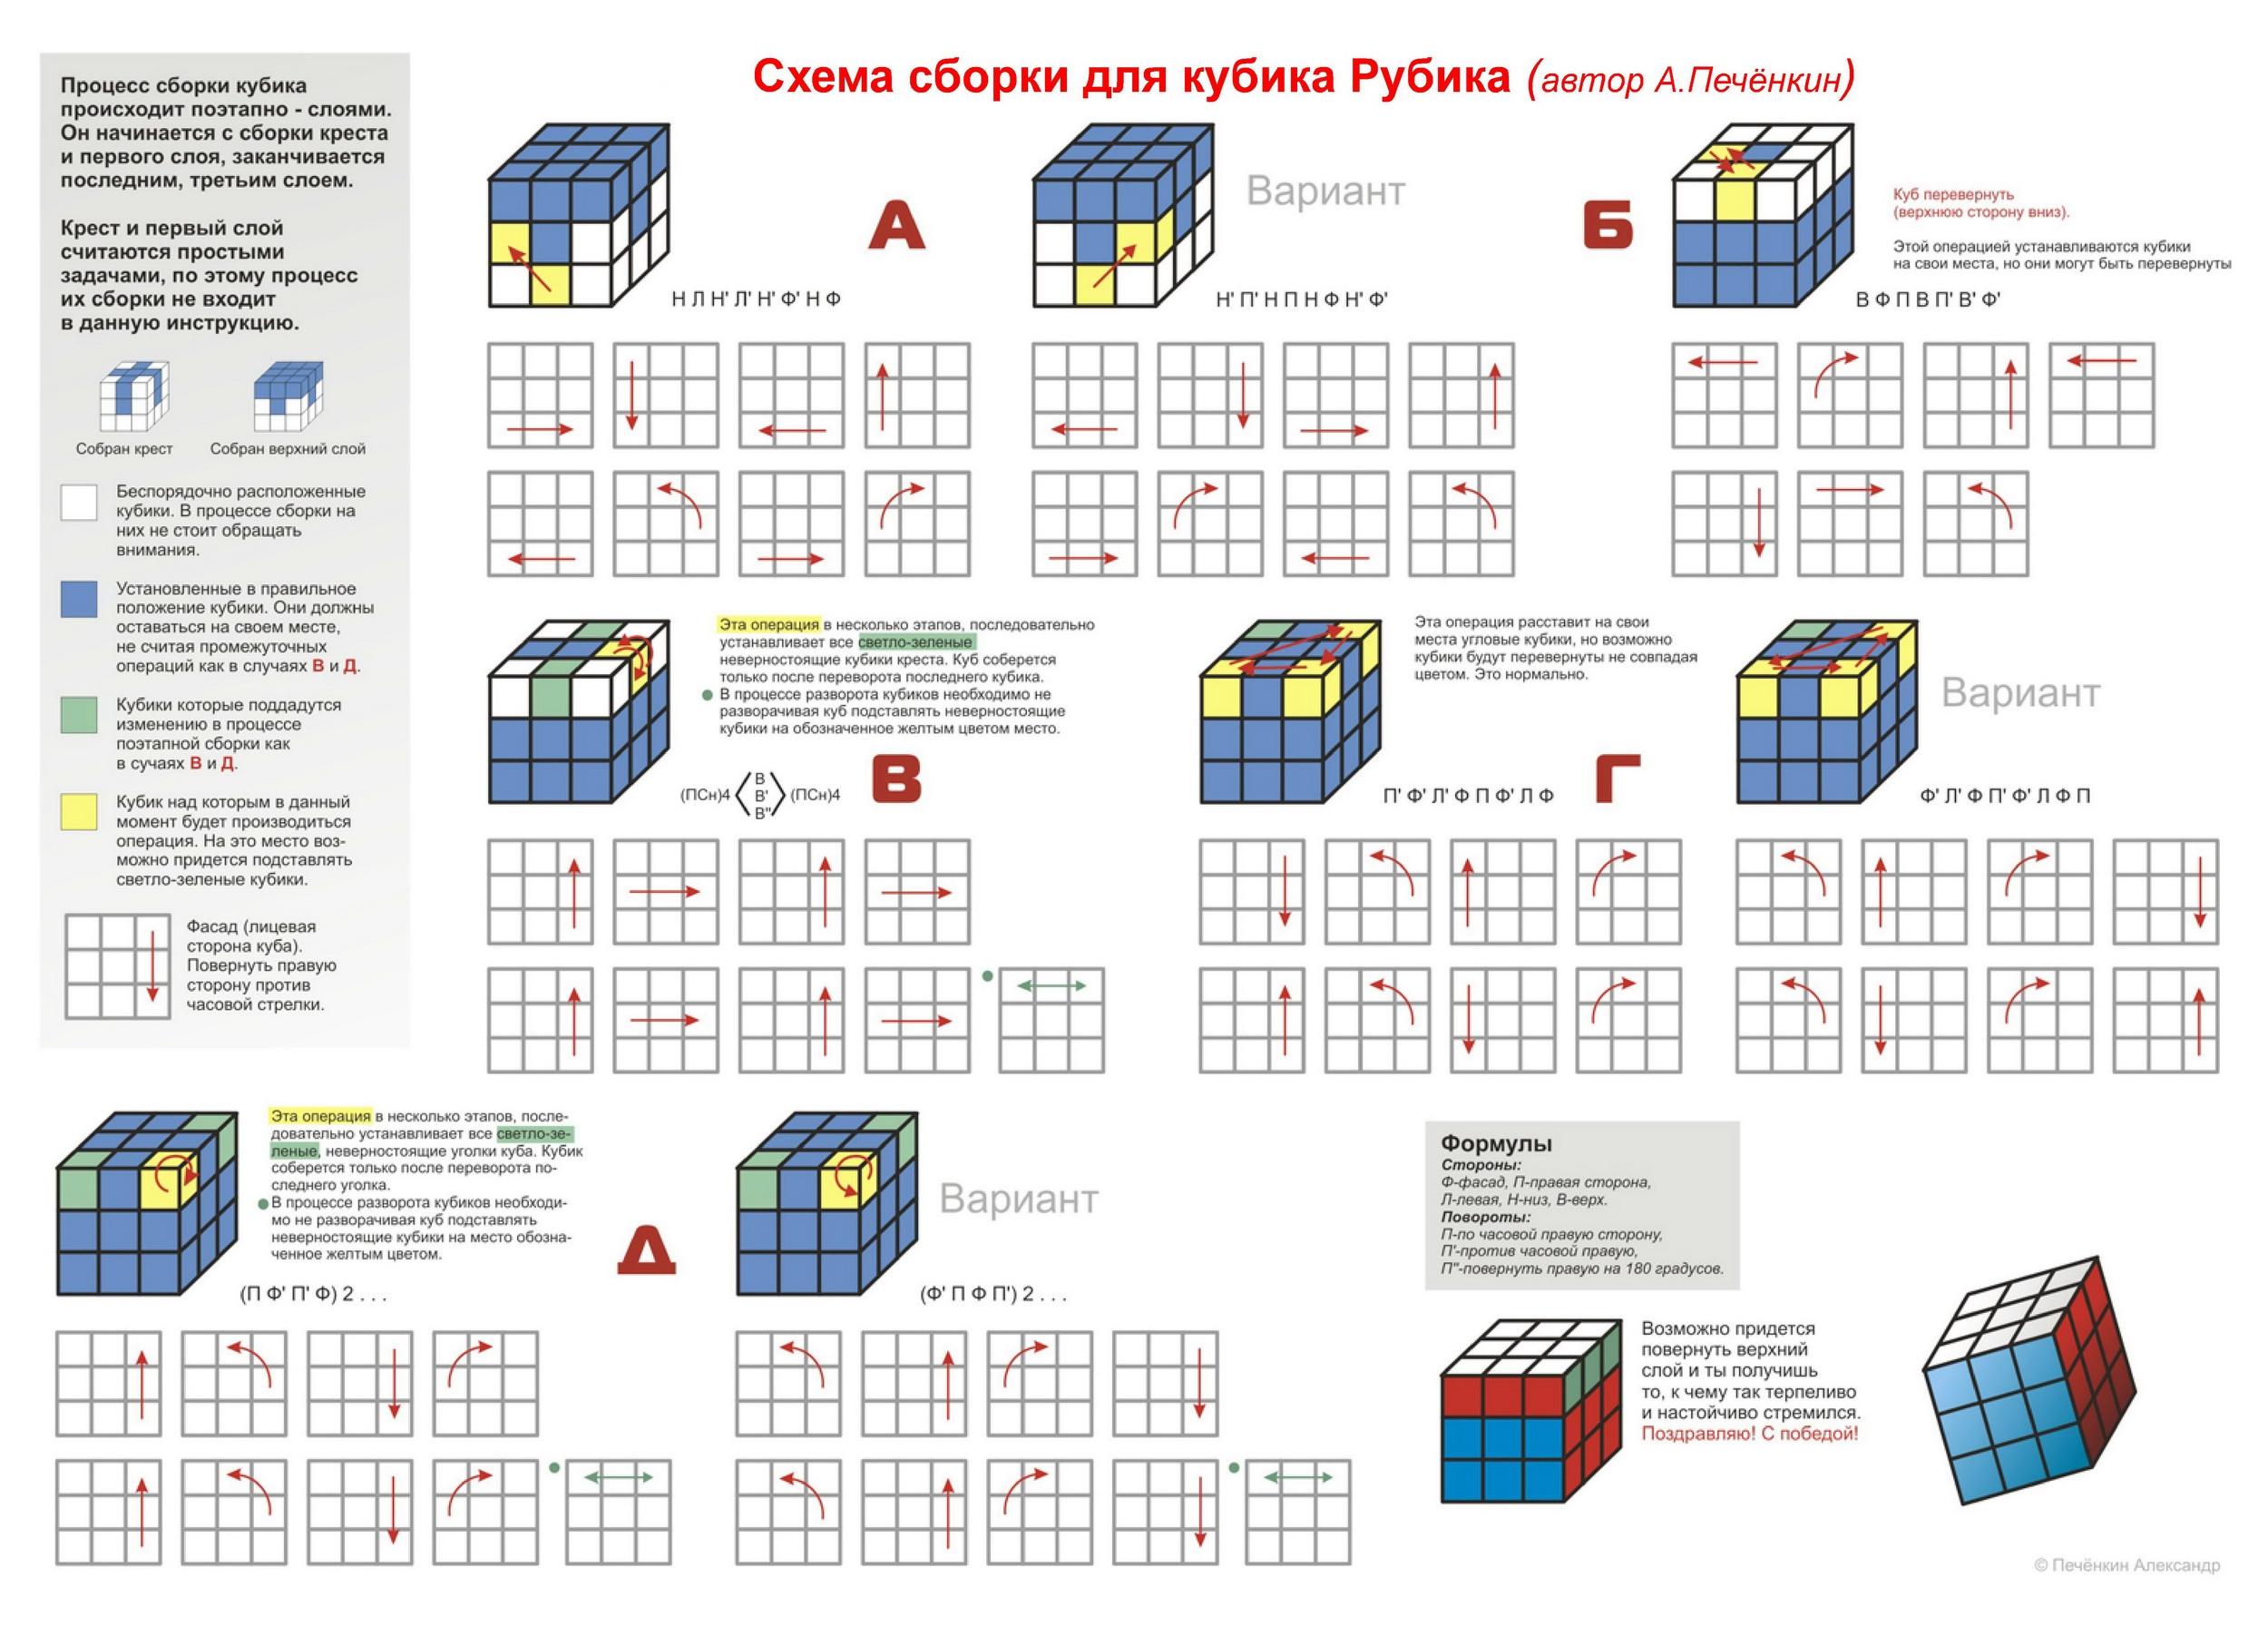 Инструкция для сбора кубика рубика